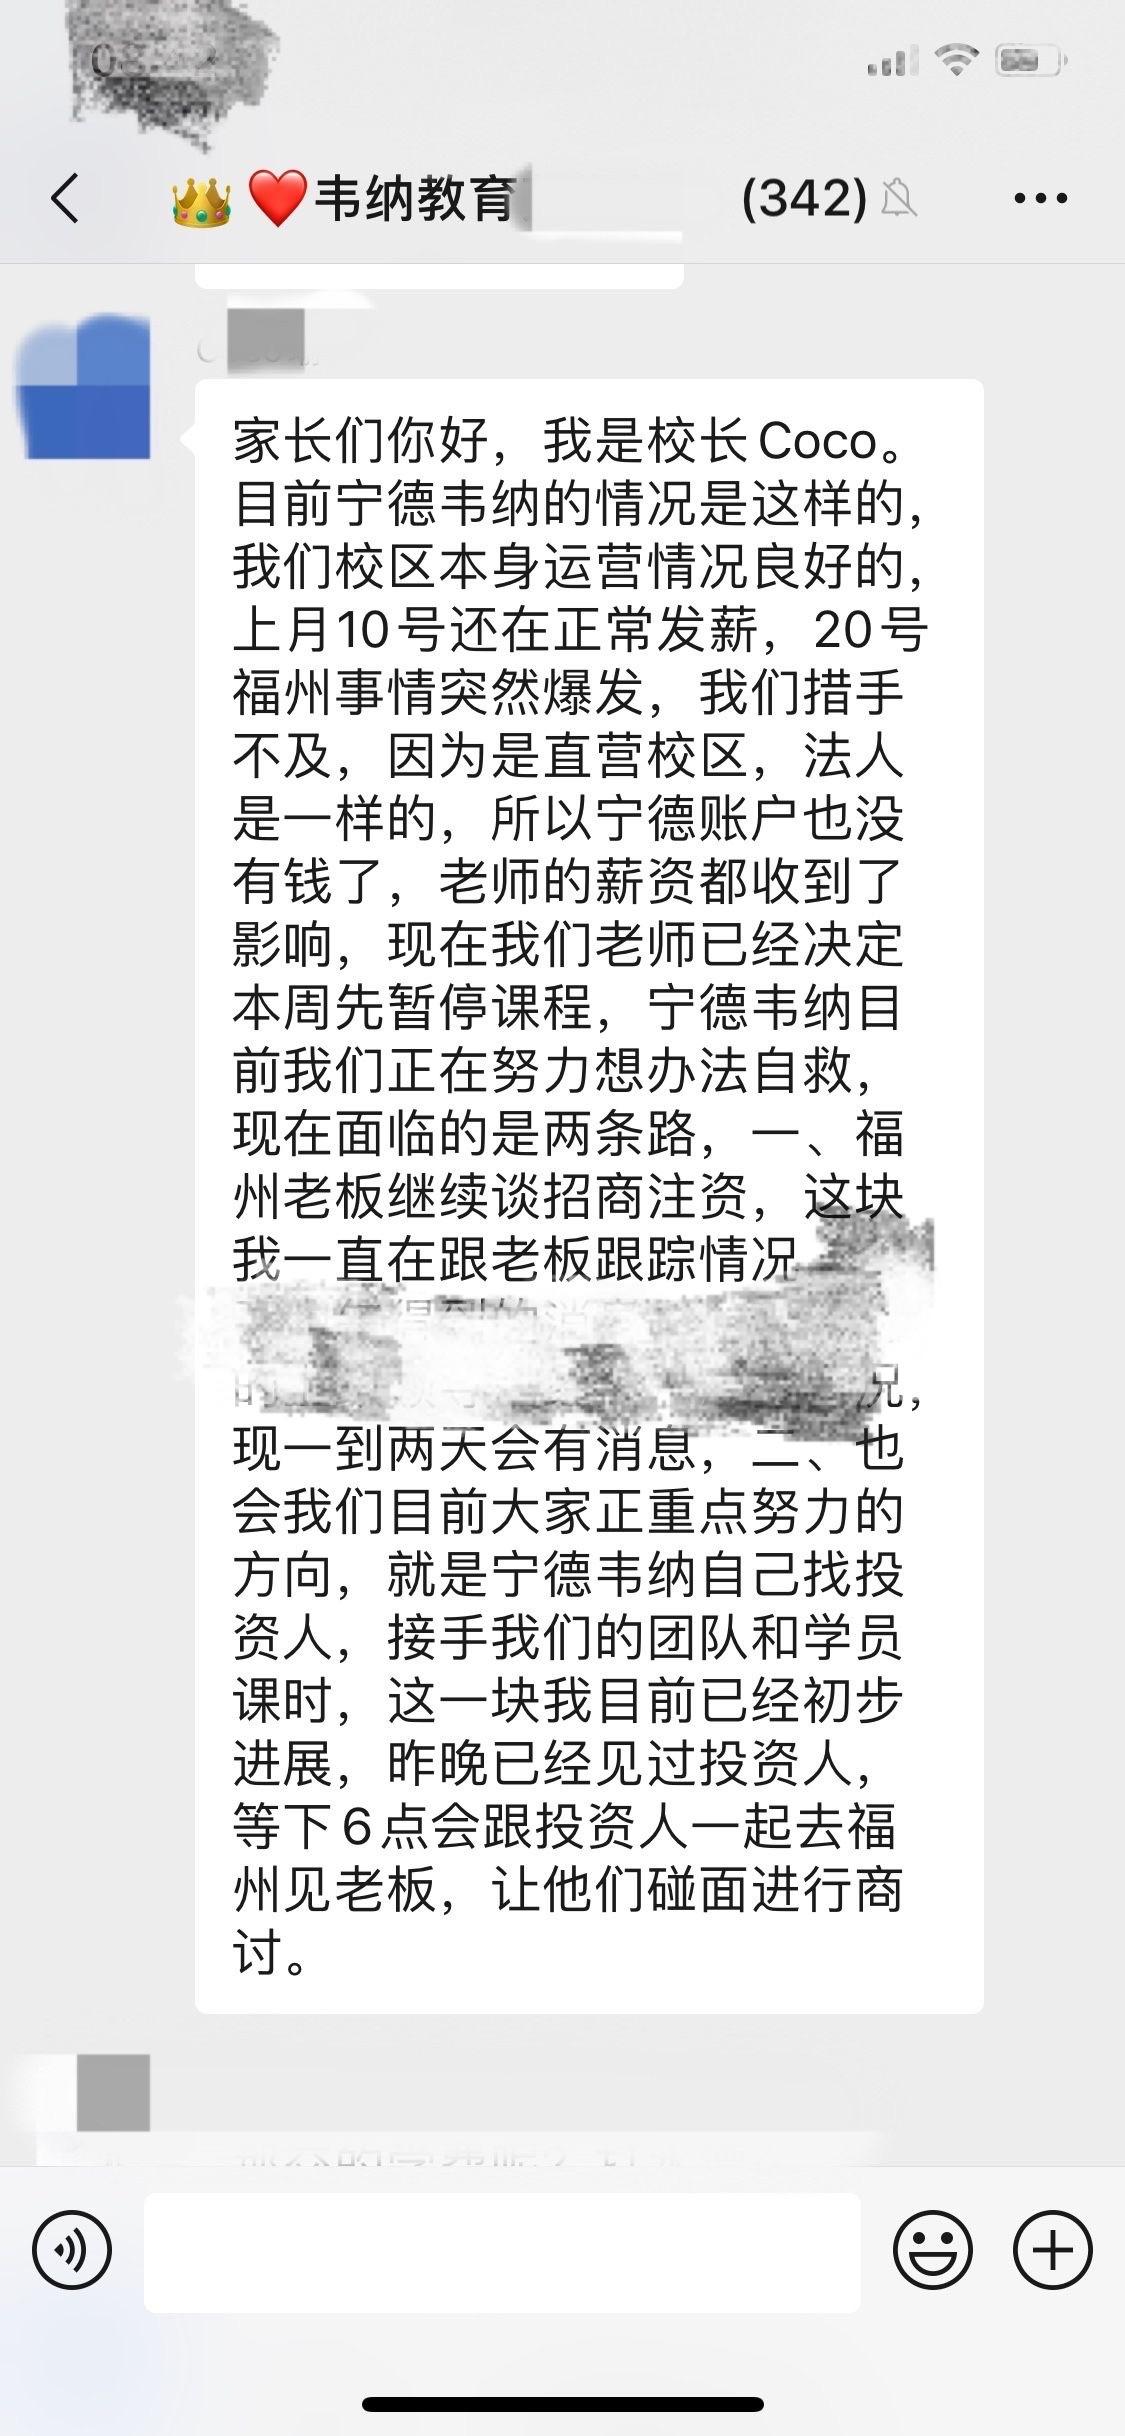 宁德知名英语培训机构停课家长疑其倒闭pp校方:支持合理合法维权